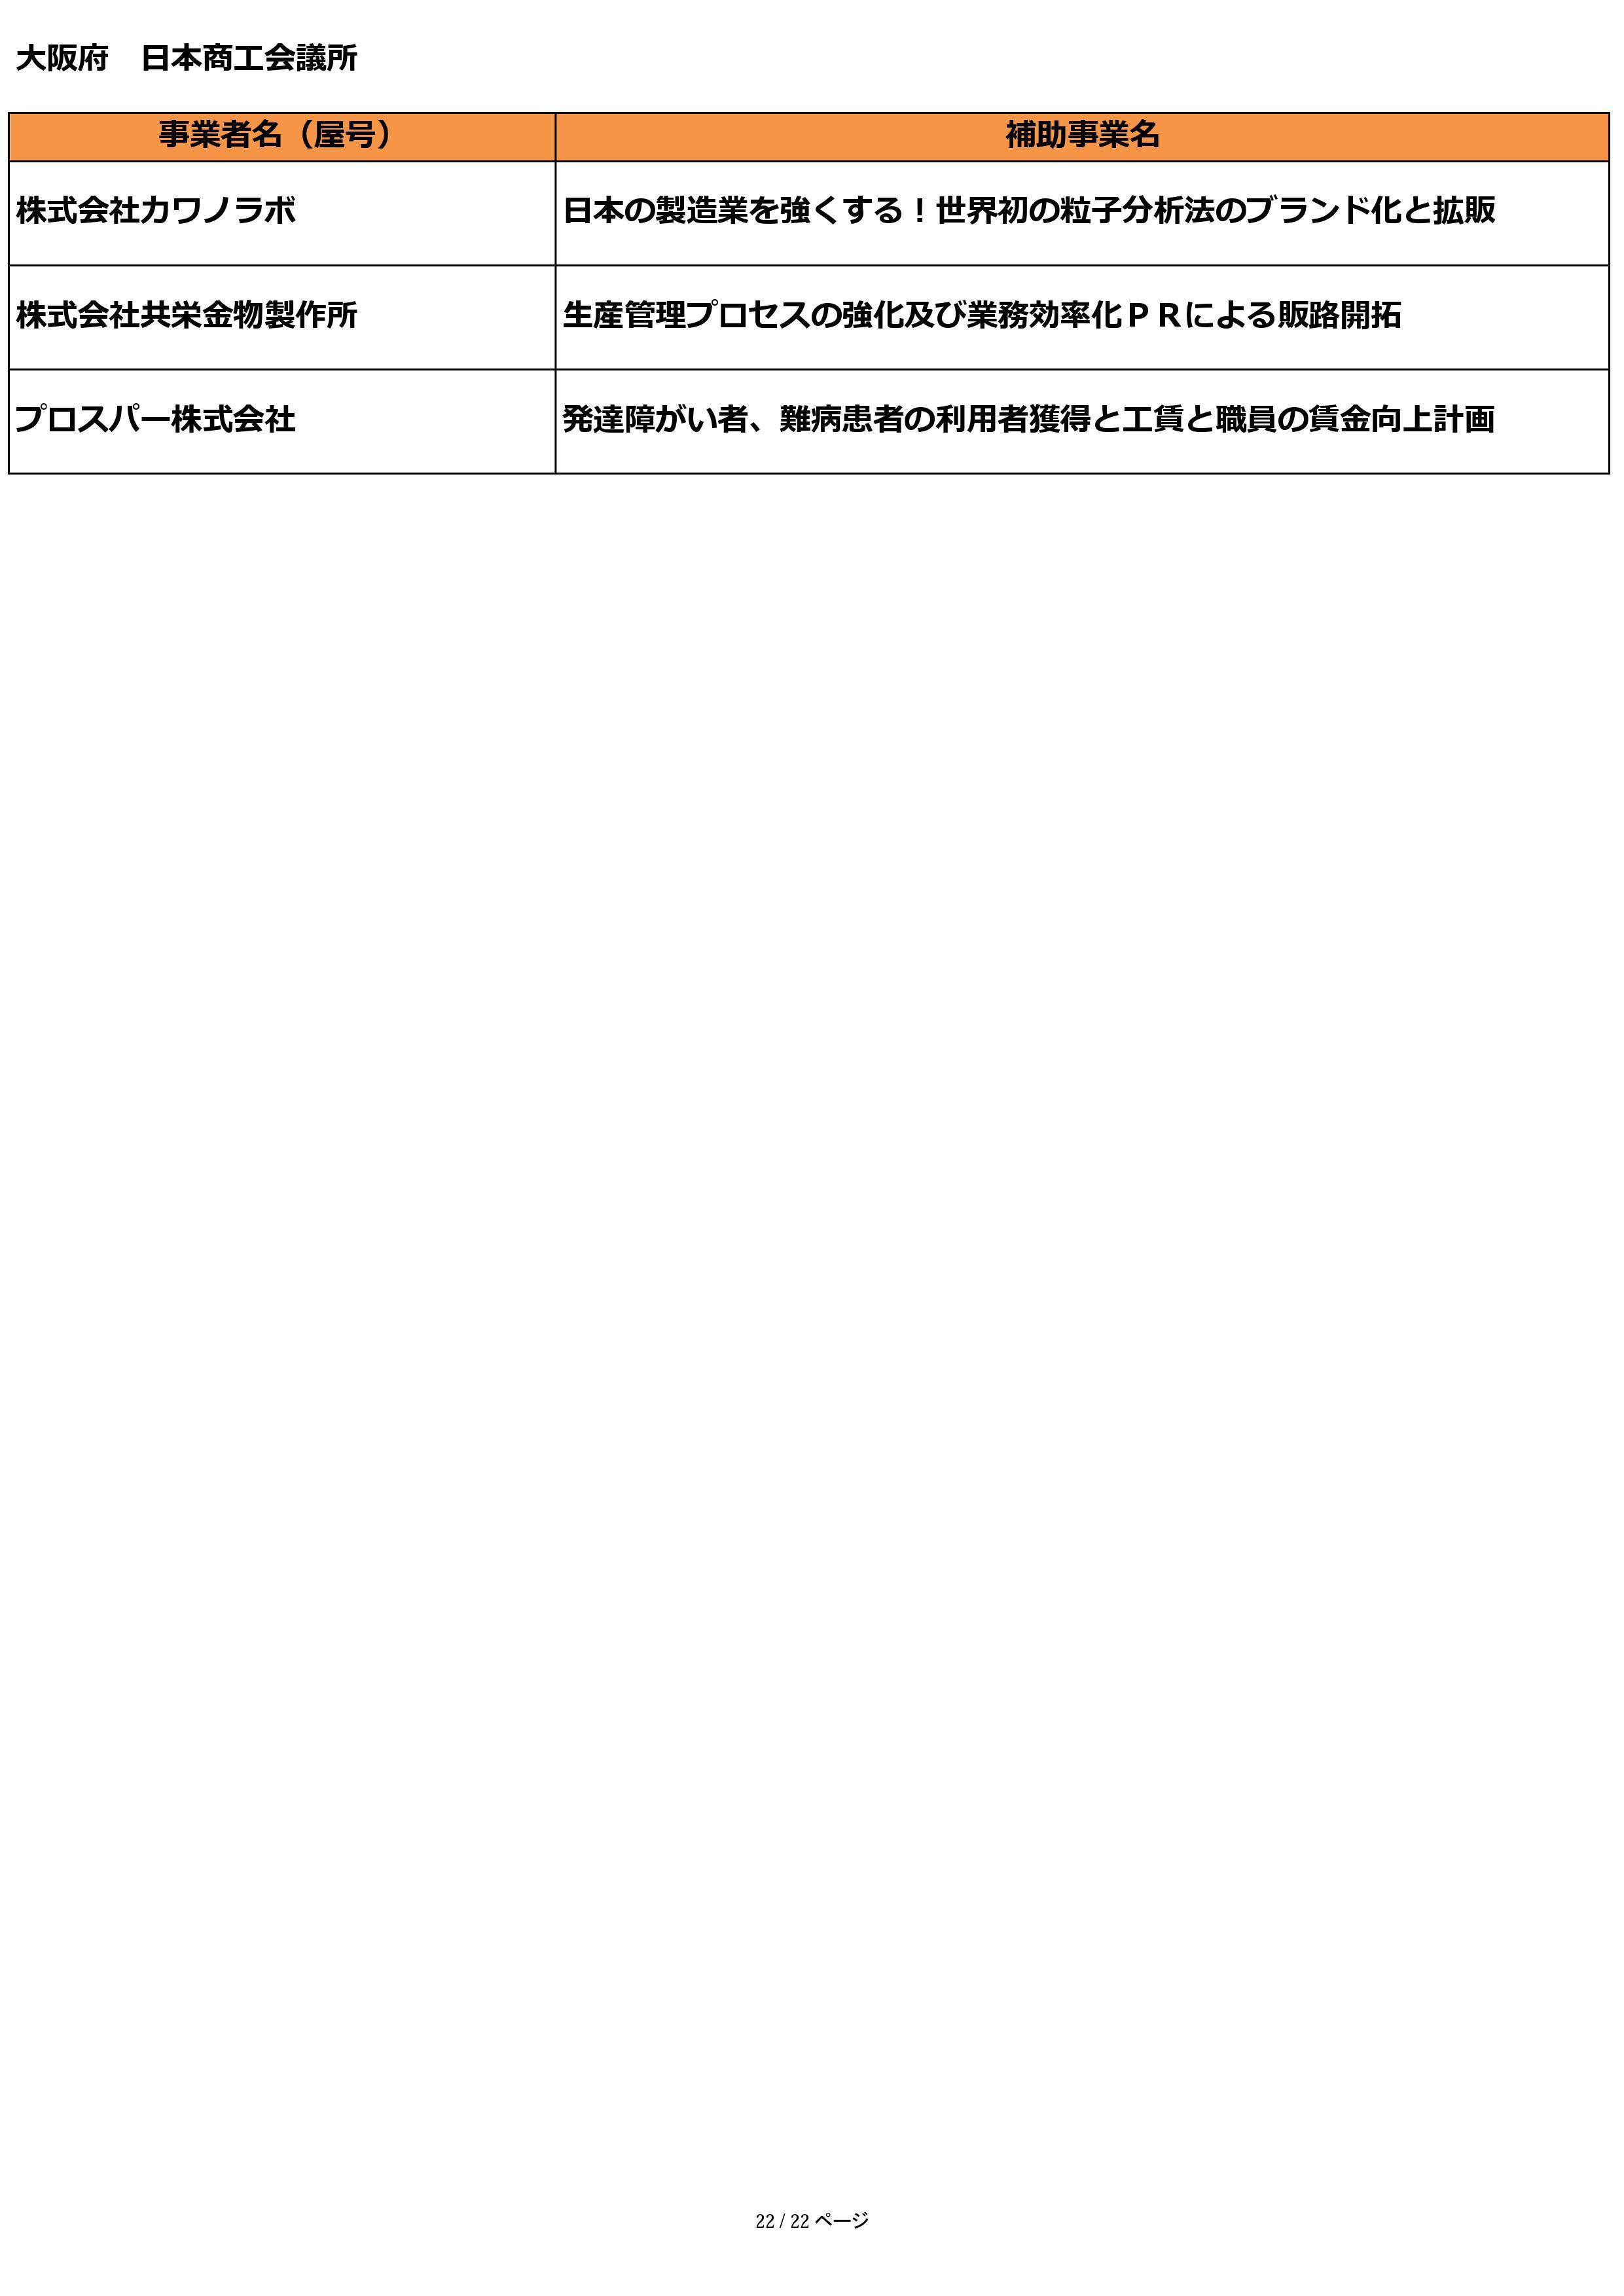 小規模事業者持続化補助金 採択結果 【大阪府】 日本商工 ...